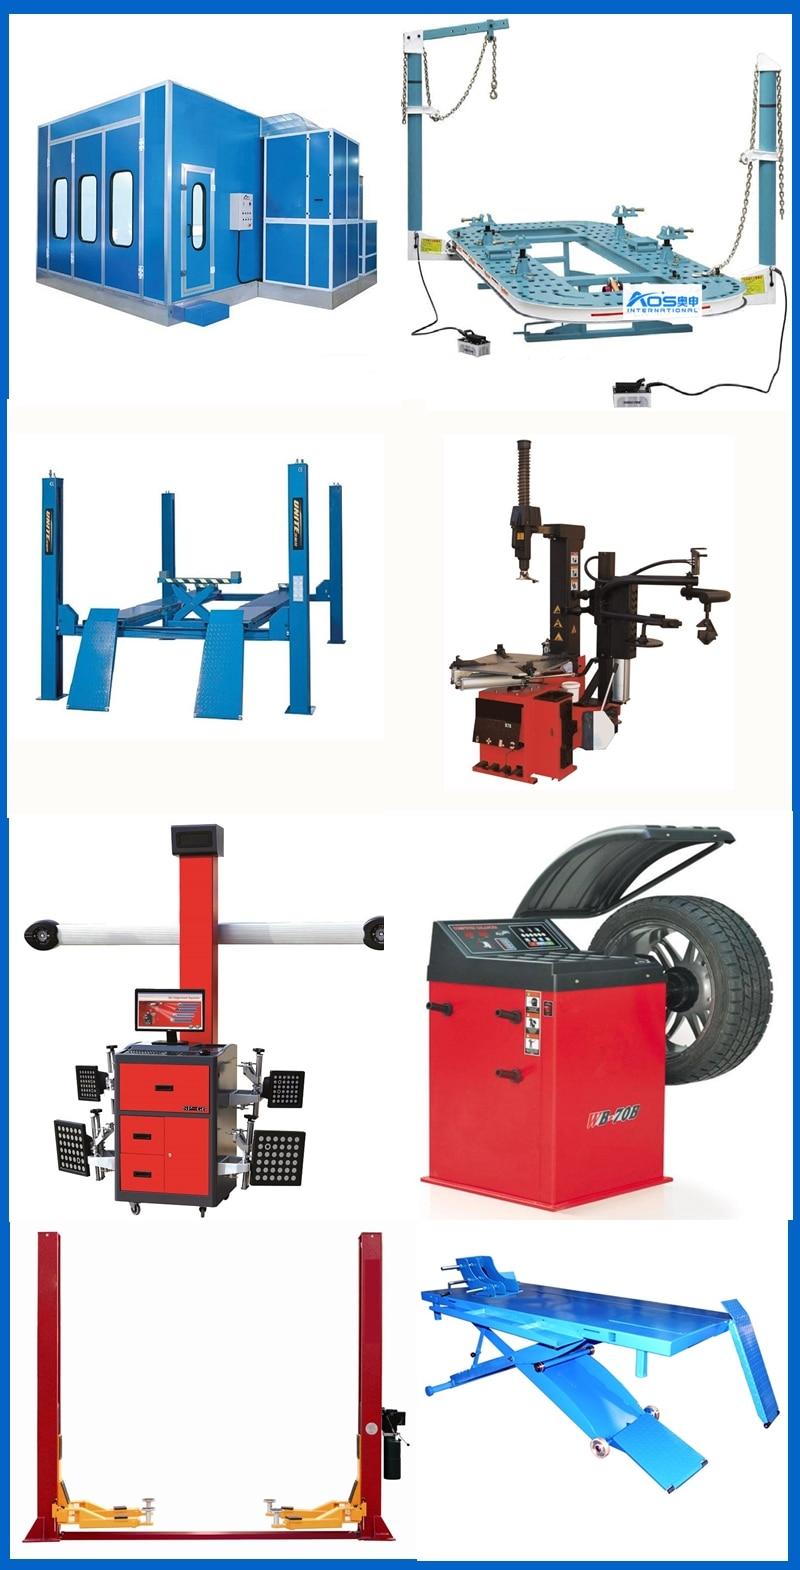 Инструмент для ремонта автомобиля, 5 ящиков, аппаратный ящик для инструментов, многофункциональный шкаф для ремонта инструментов